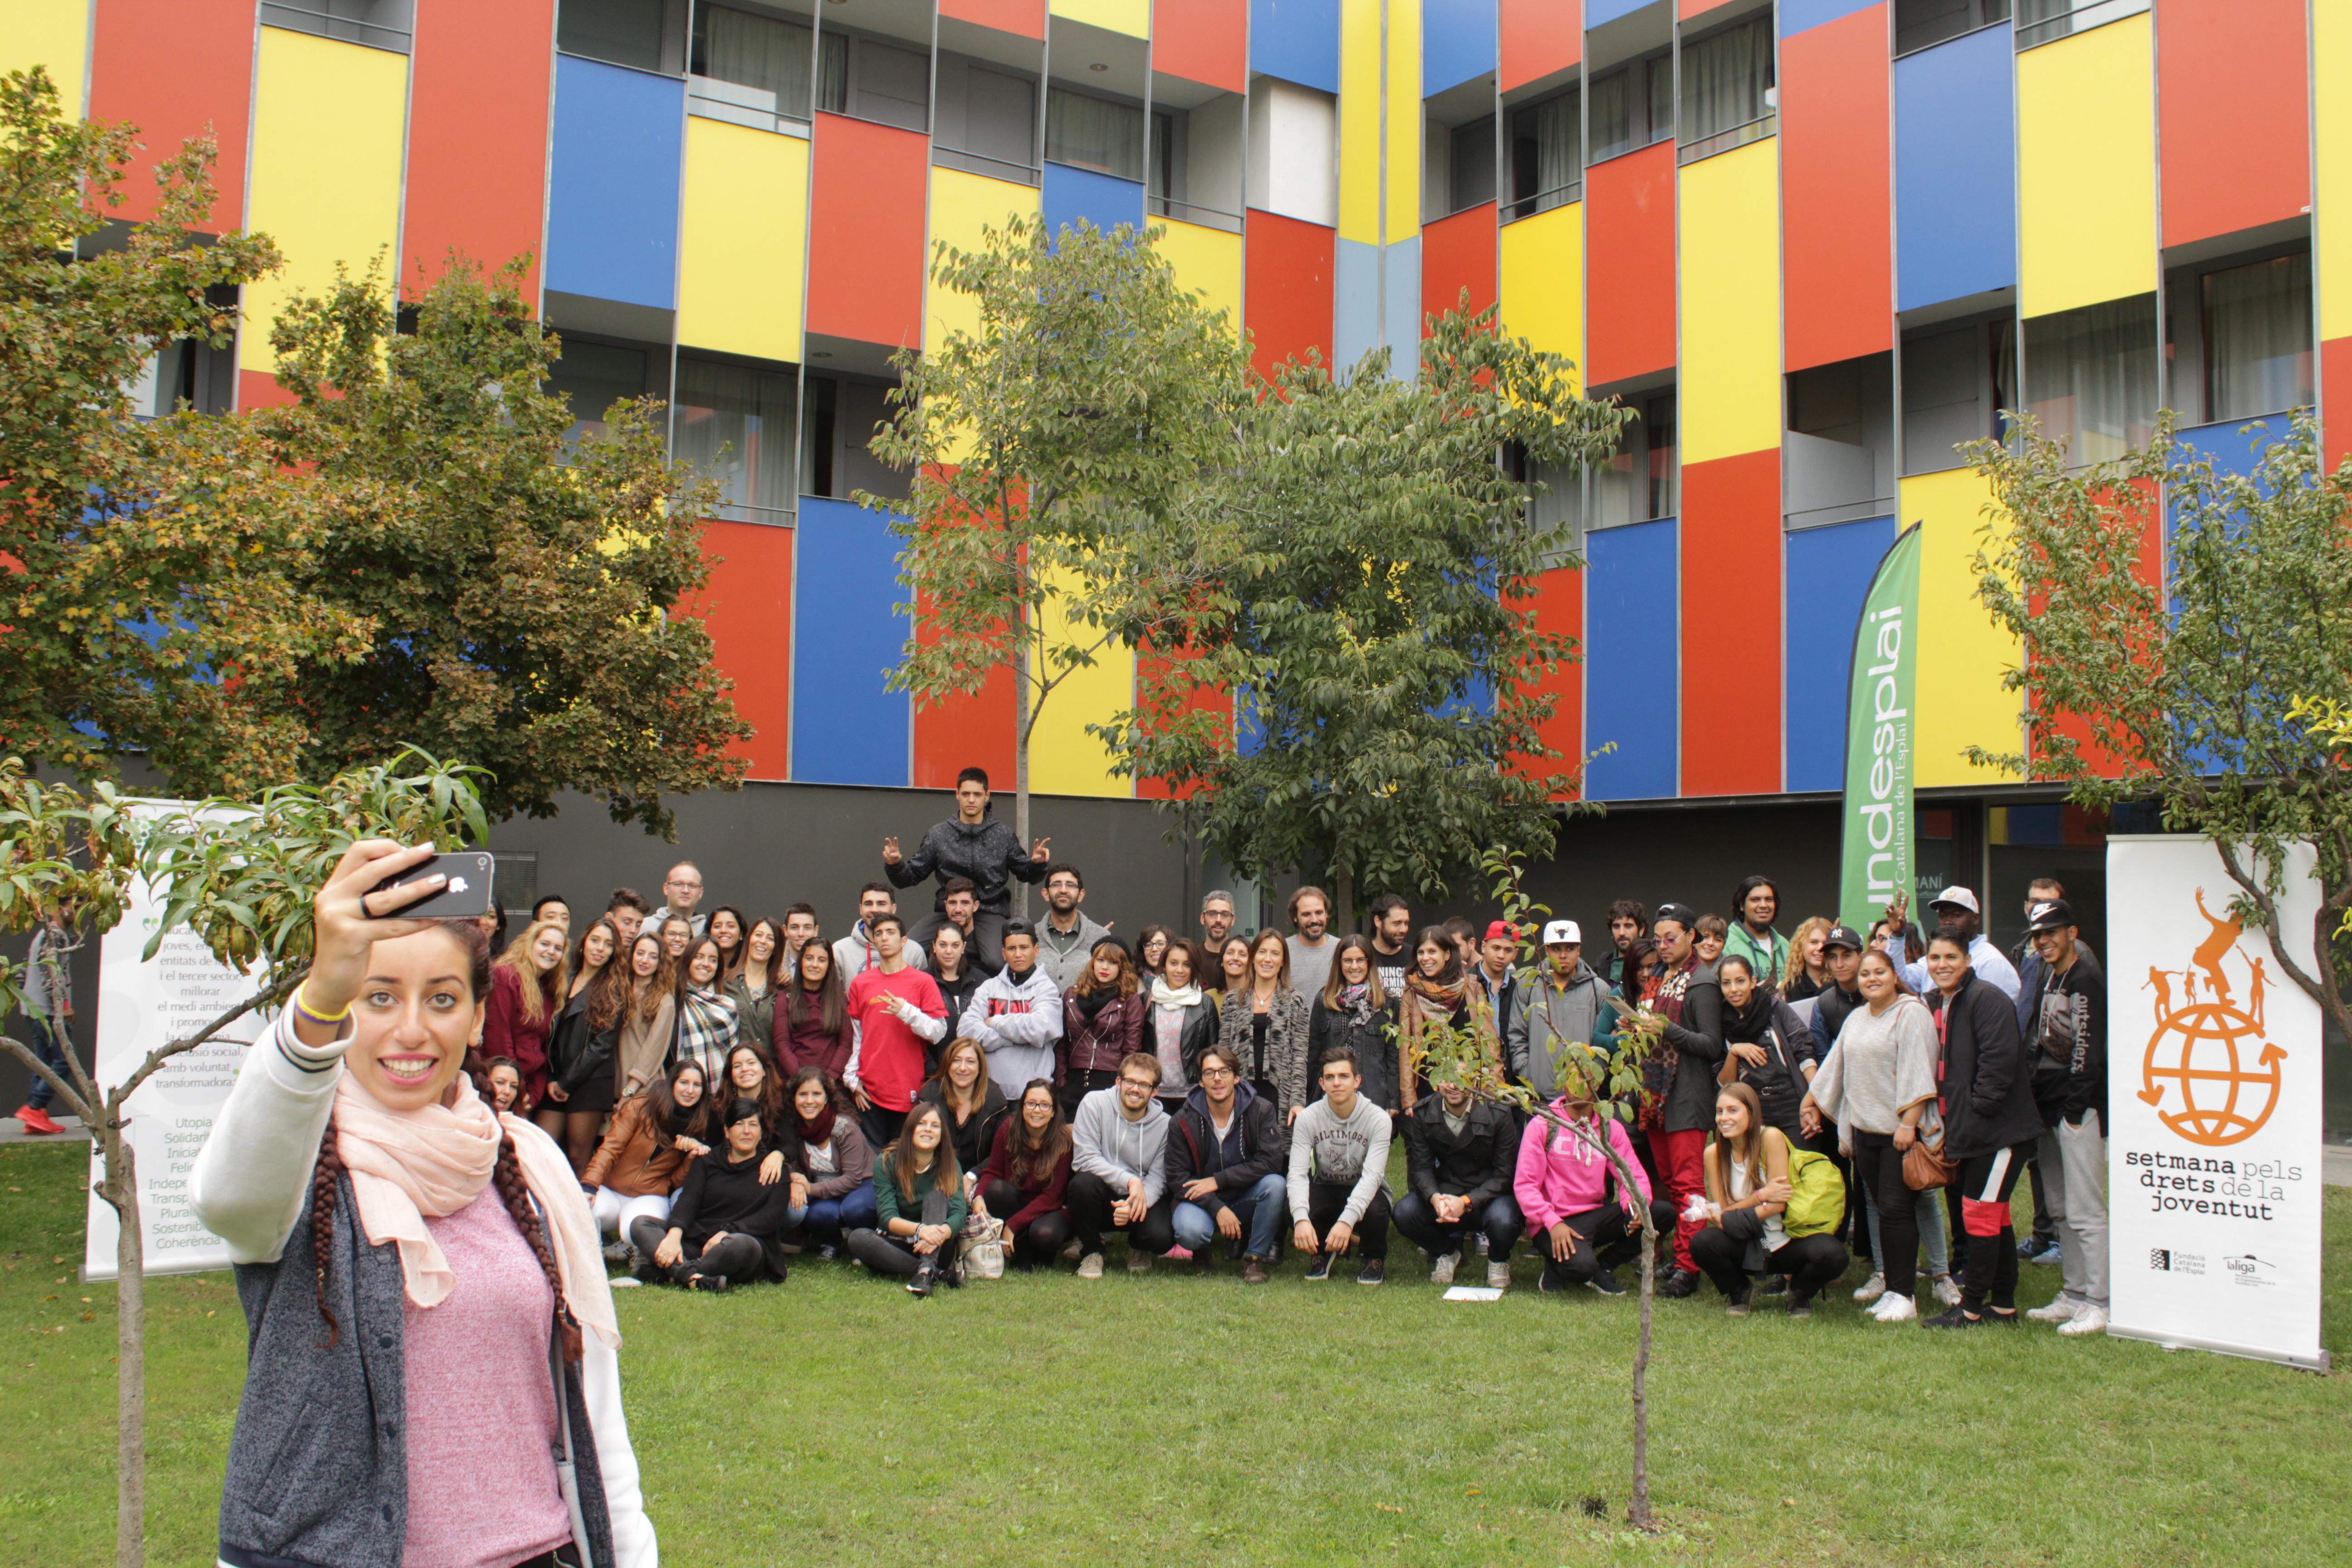 La Semana por los Derechos de la Juventud en Centre Esplai, Jóvenes activados con sus derechos